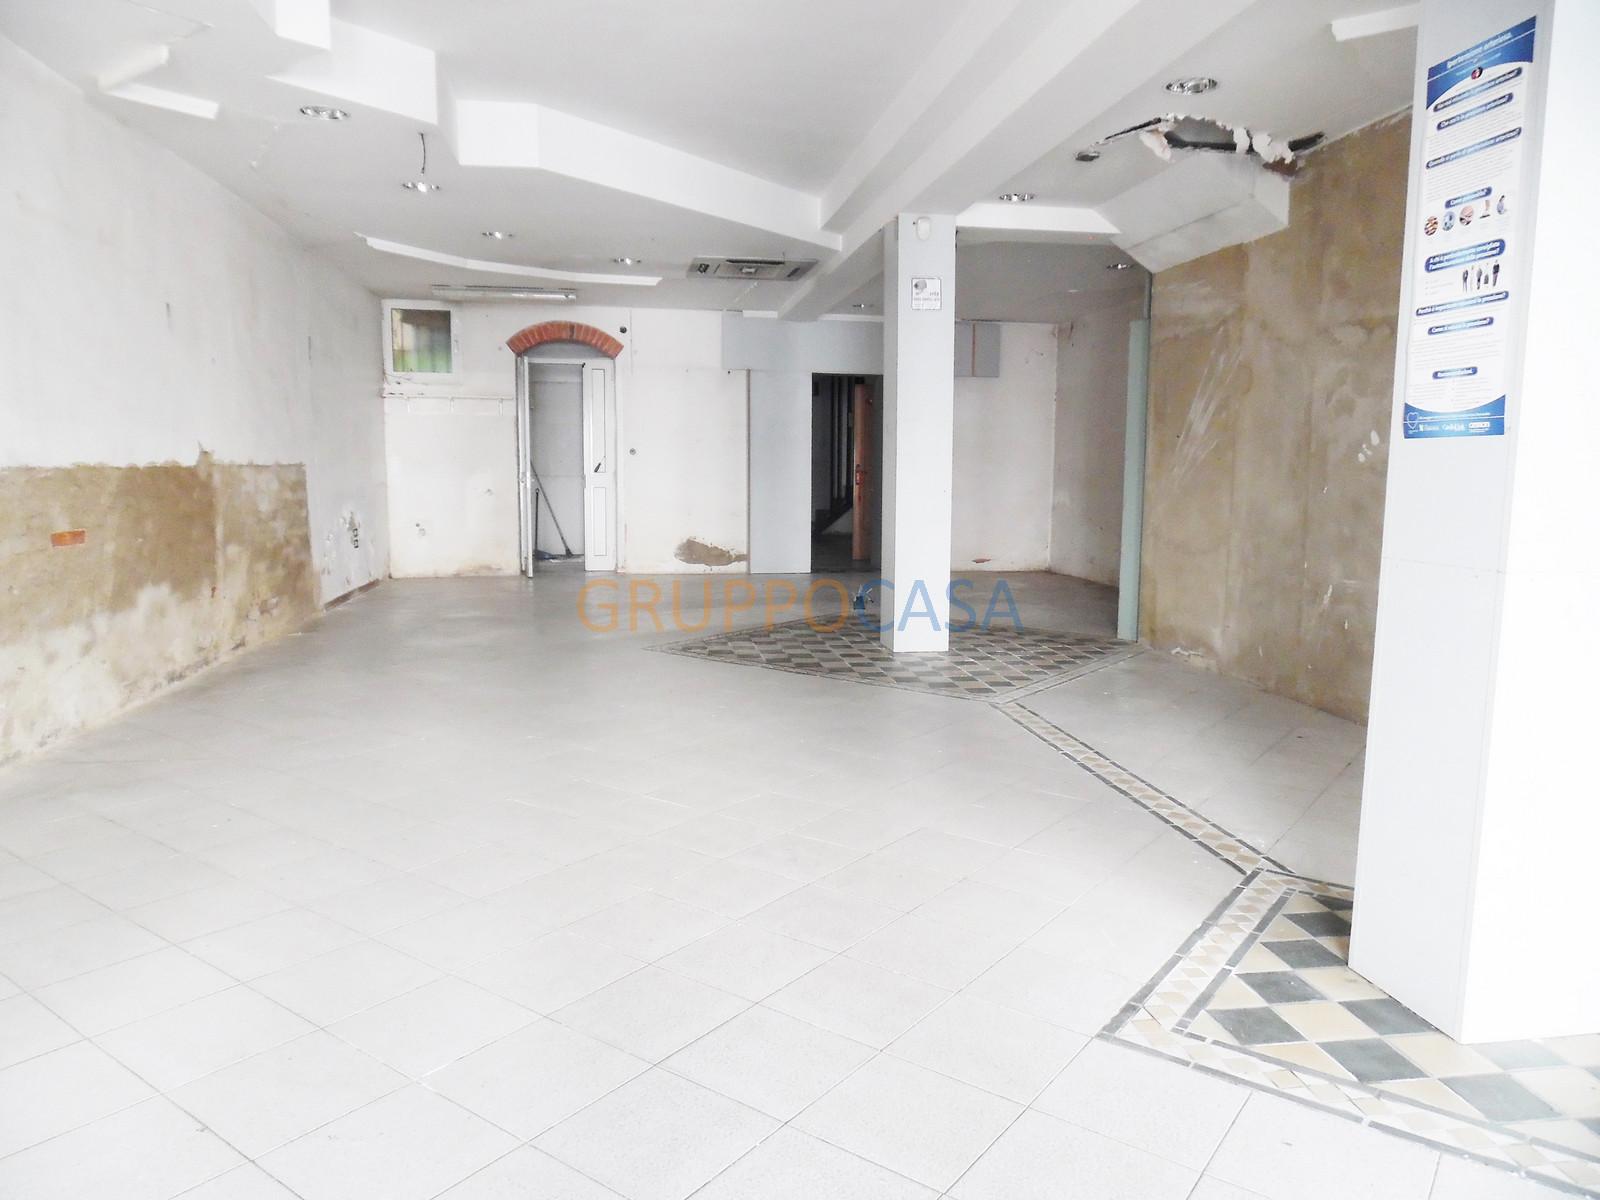 Negozio / Locale in affitto a Chiesina Uzzanese, 9999 locali, zona Località: Centro, prezzo € 900 | Cambio Casa.it